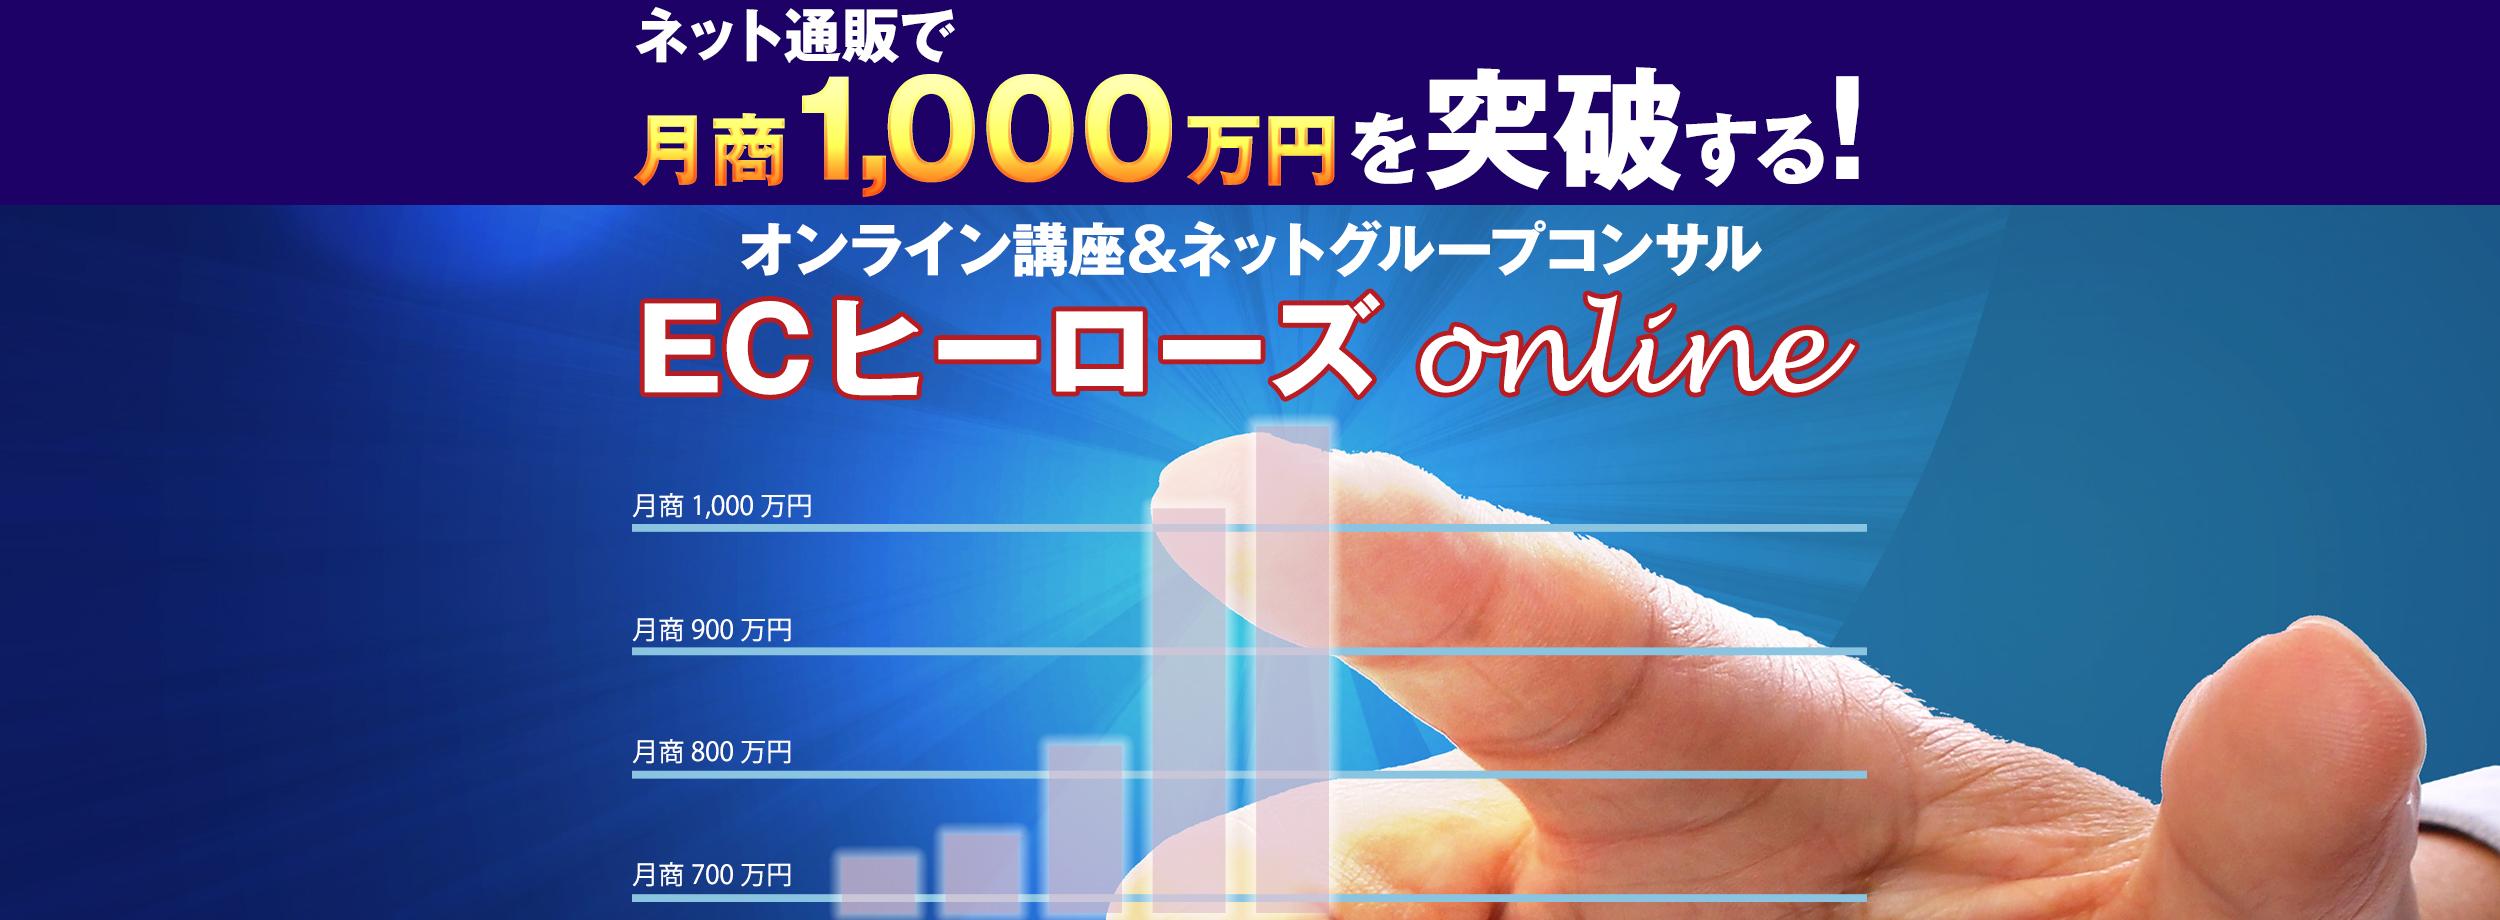 月商1,000万円を突破する|オンライン講座&ネットグループコンサル【ECヒーローズonline】